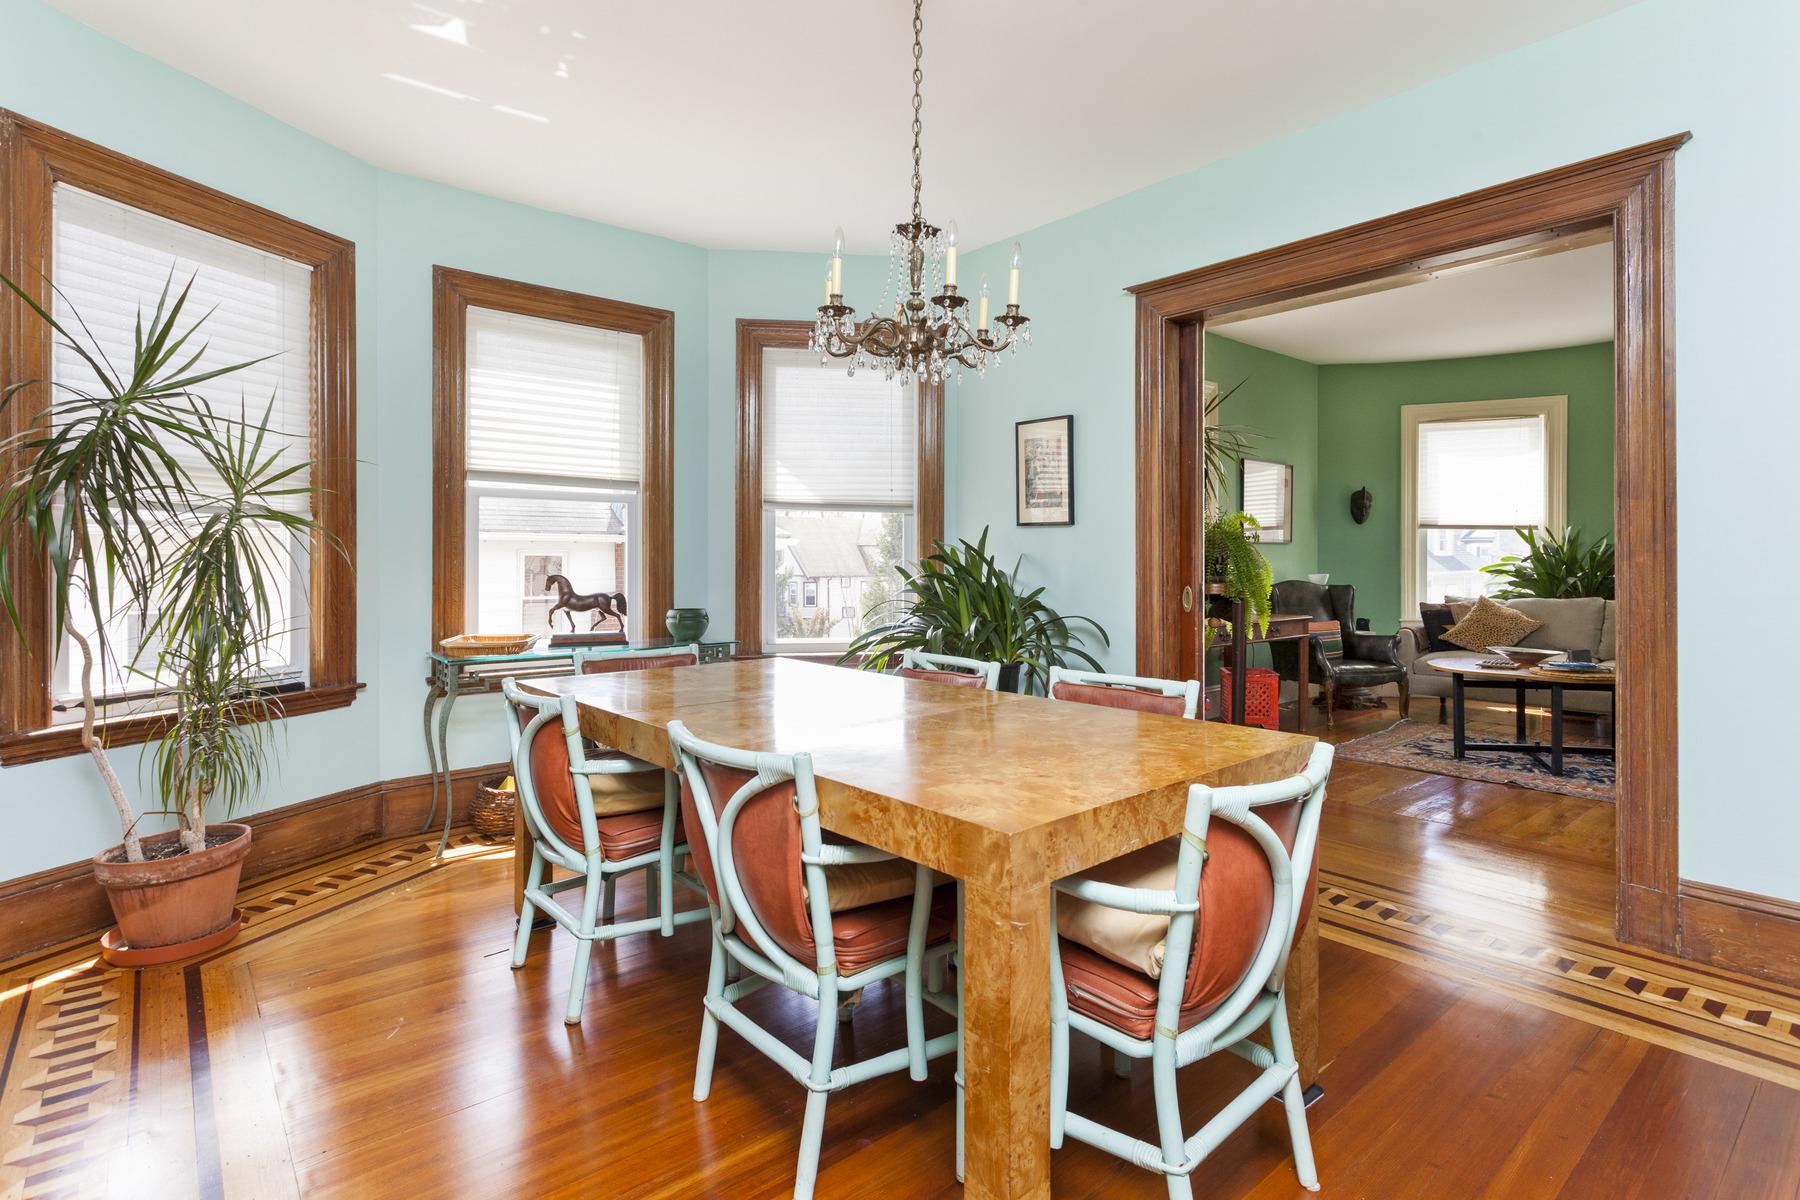 Condominium for Sale at 2 Level Condo 59 Congreve Street Unit 2 Boston, Massachusetts, 02131 United States